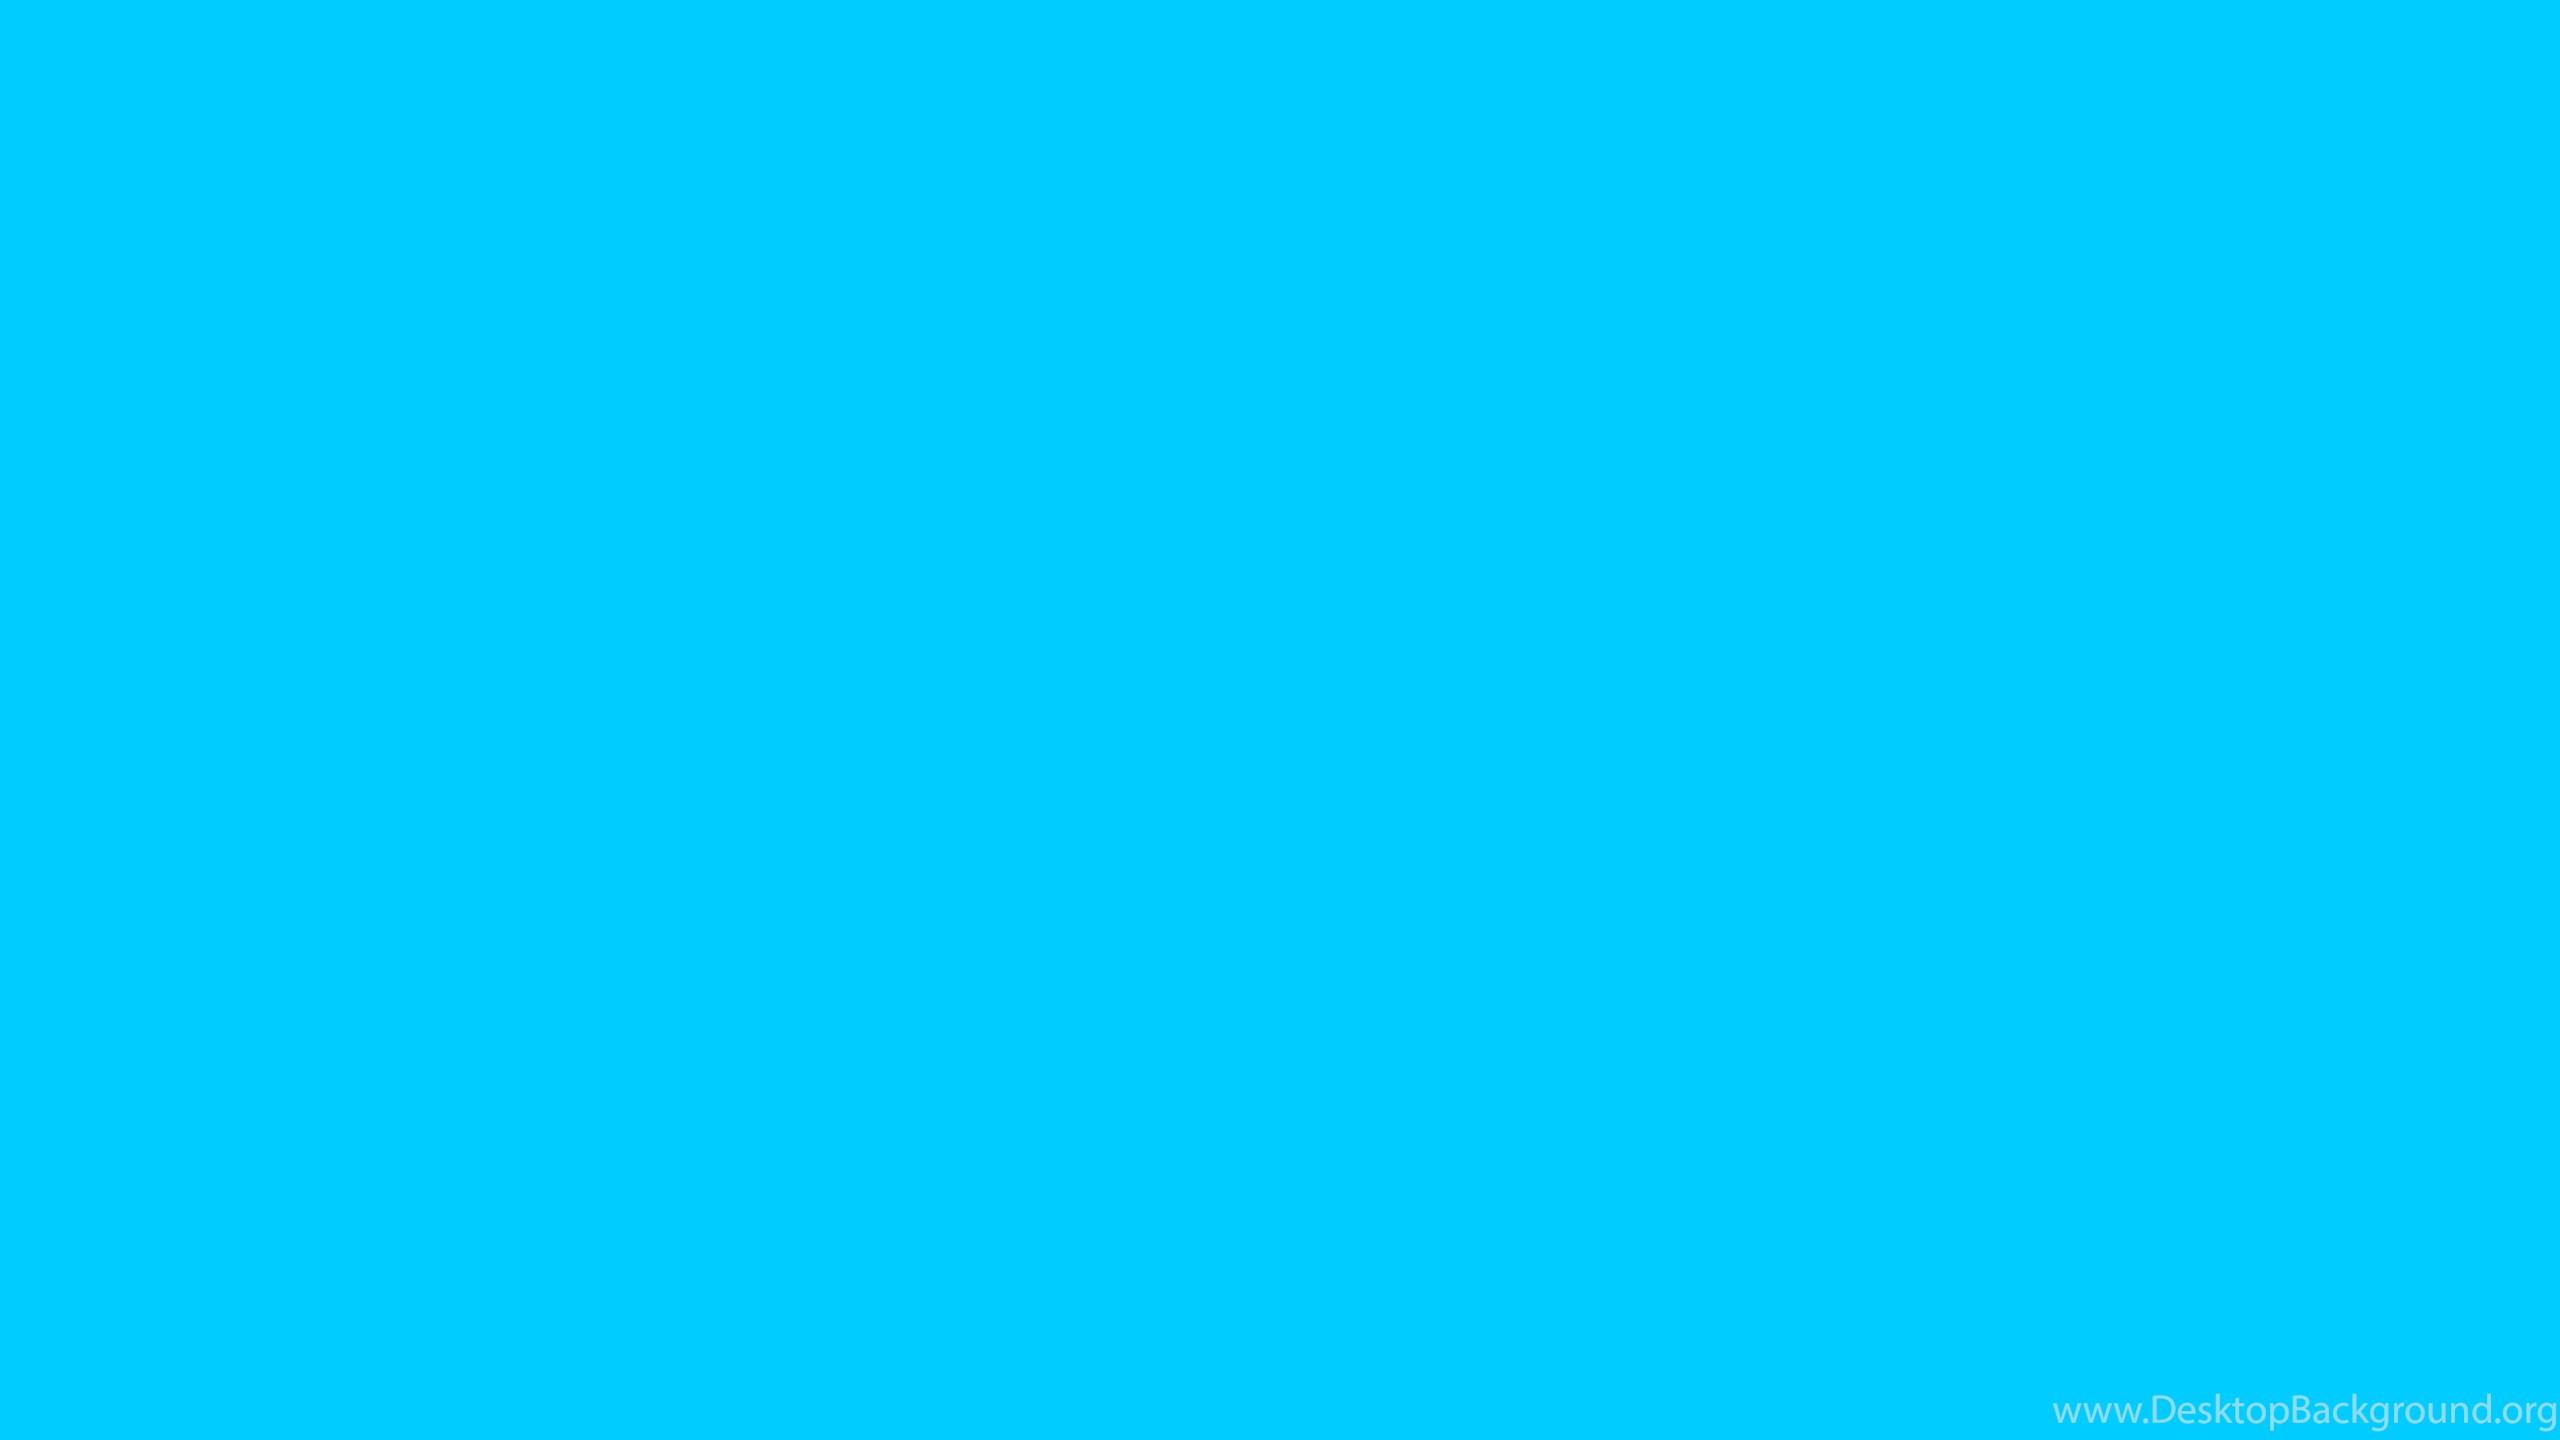 light blue color wallpaper. desktop background